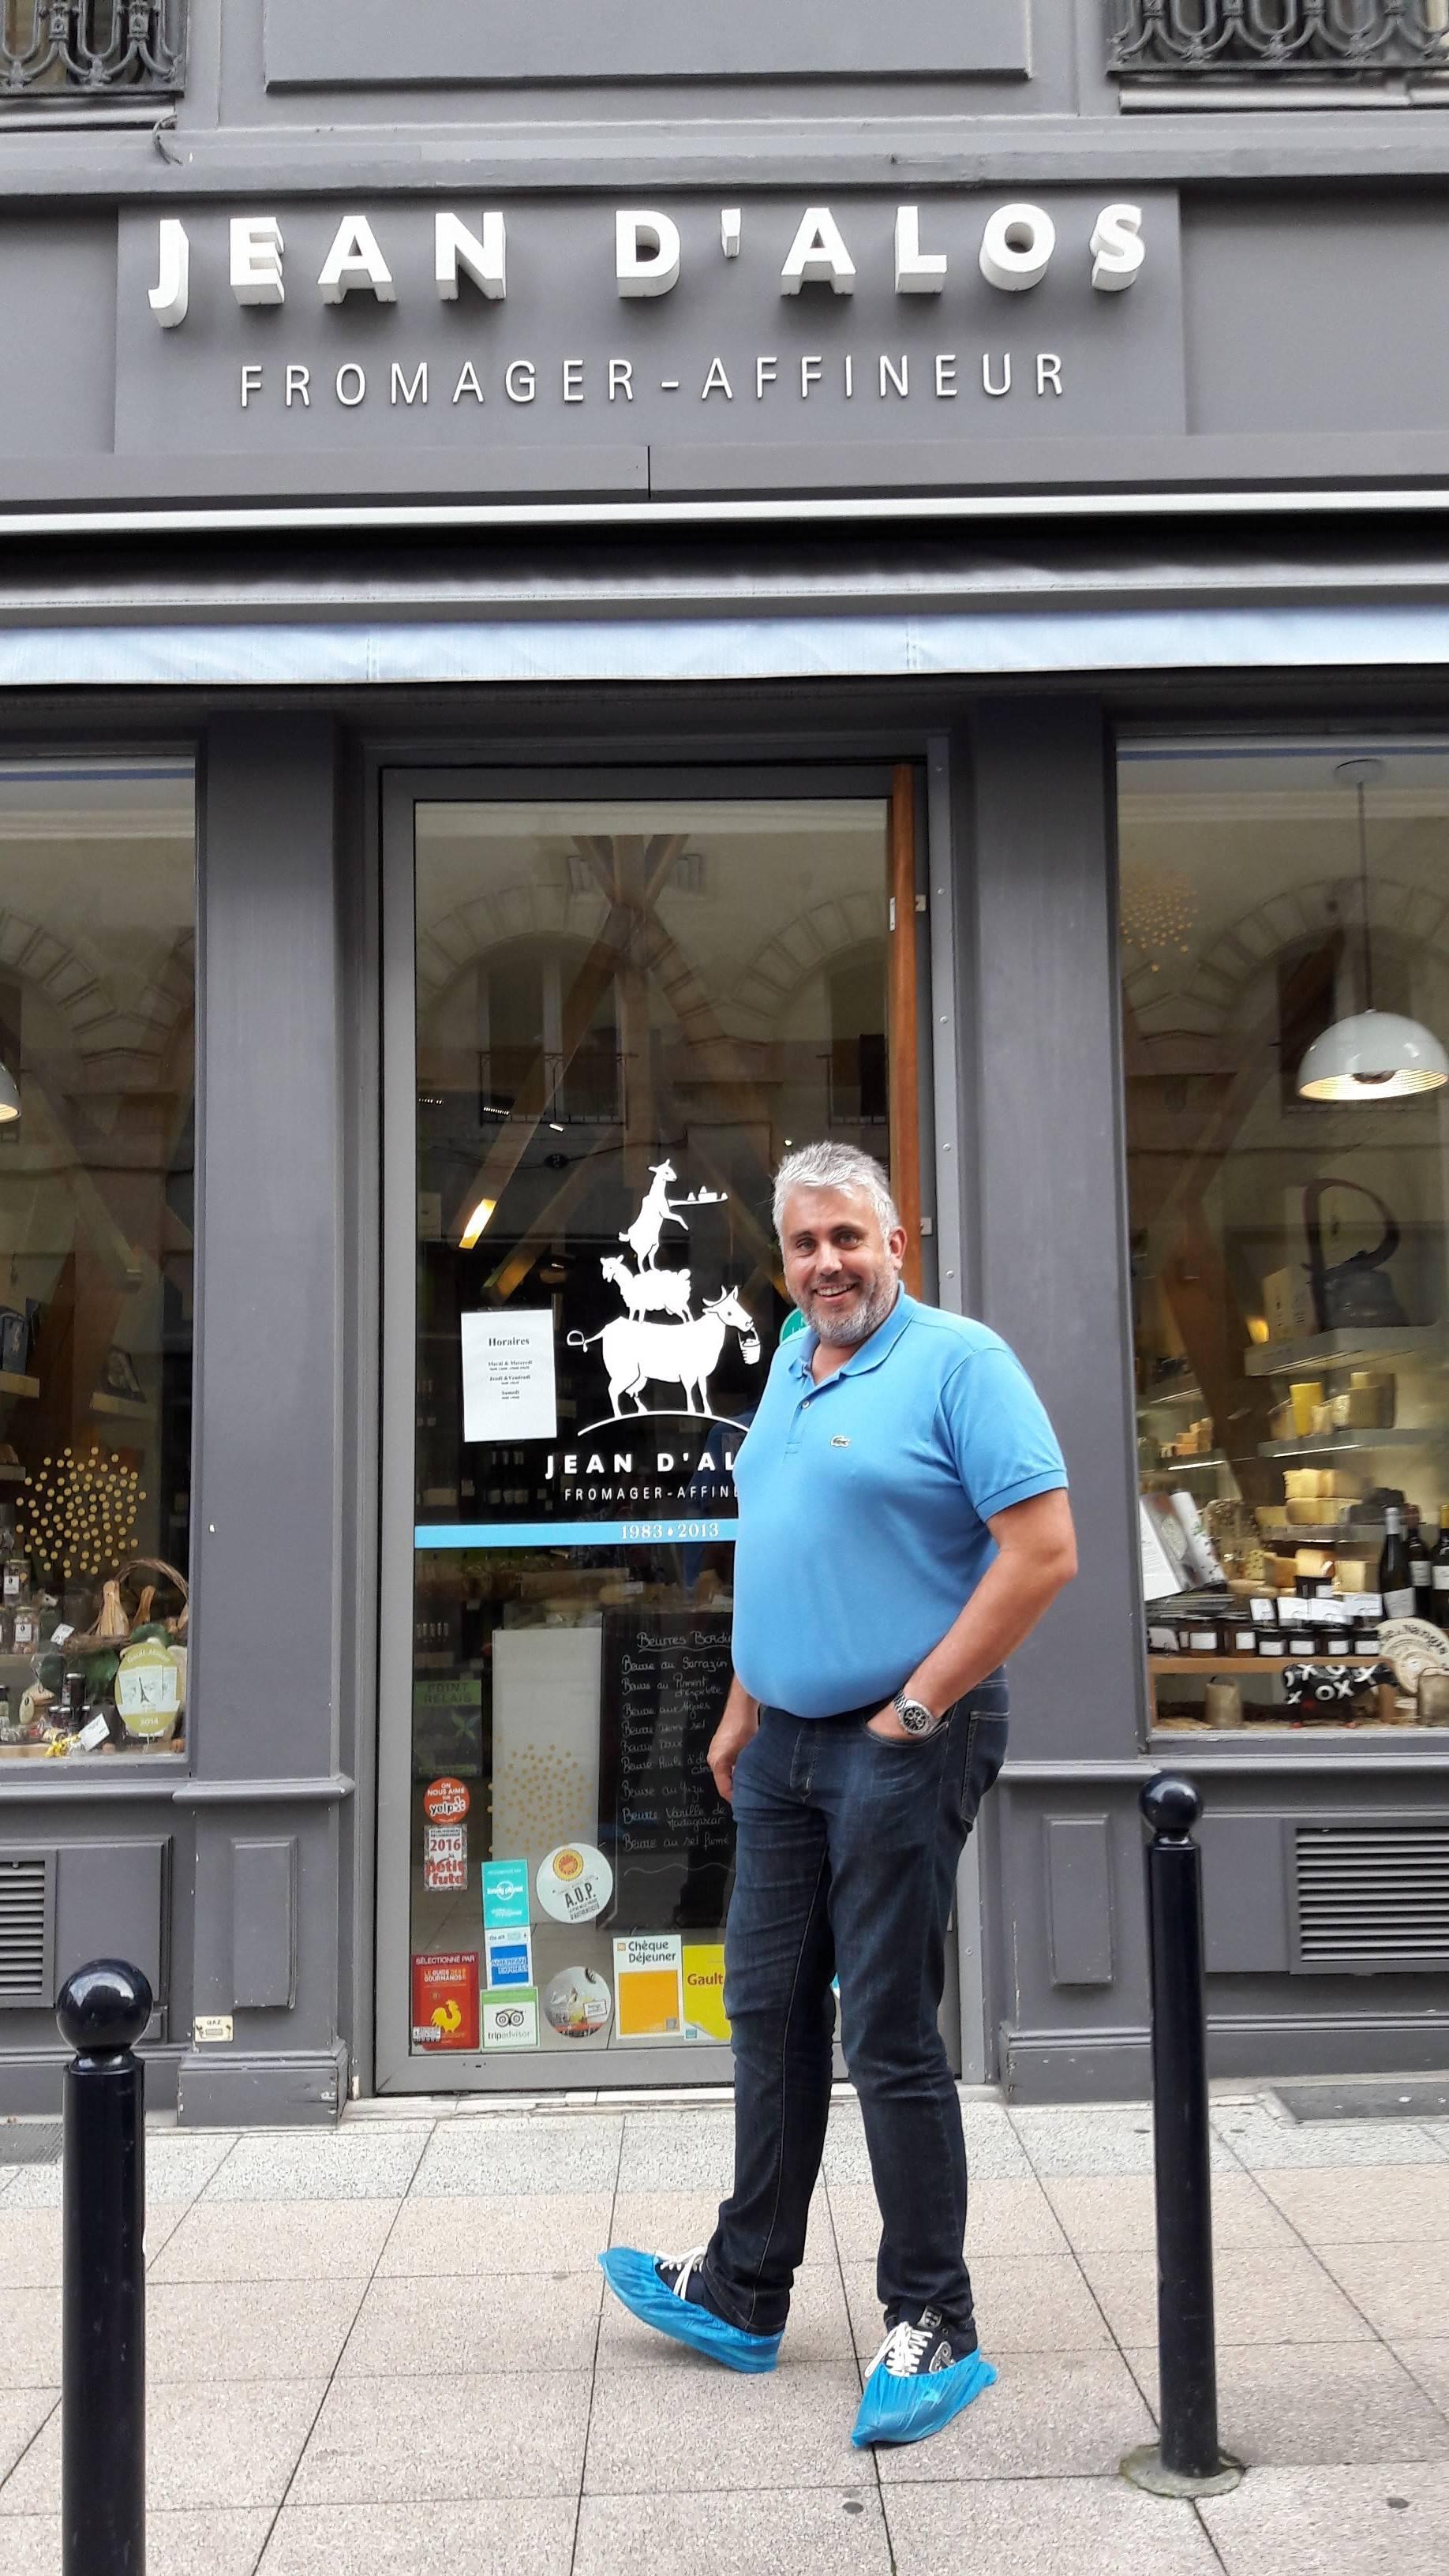 Photo 1: Jean d'Alos, le fromager de Bordeaux !